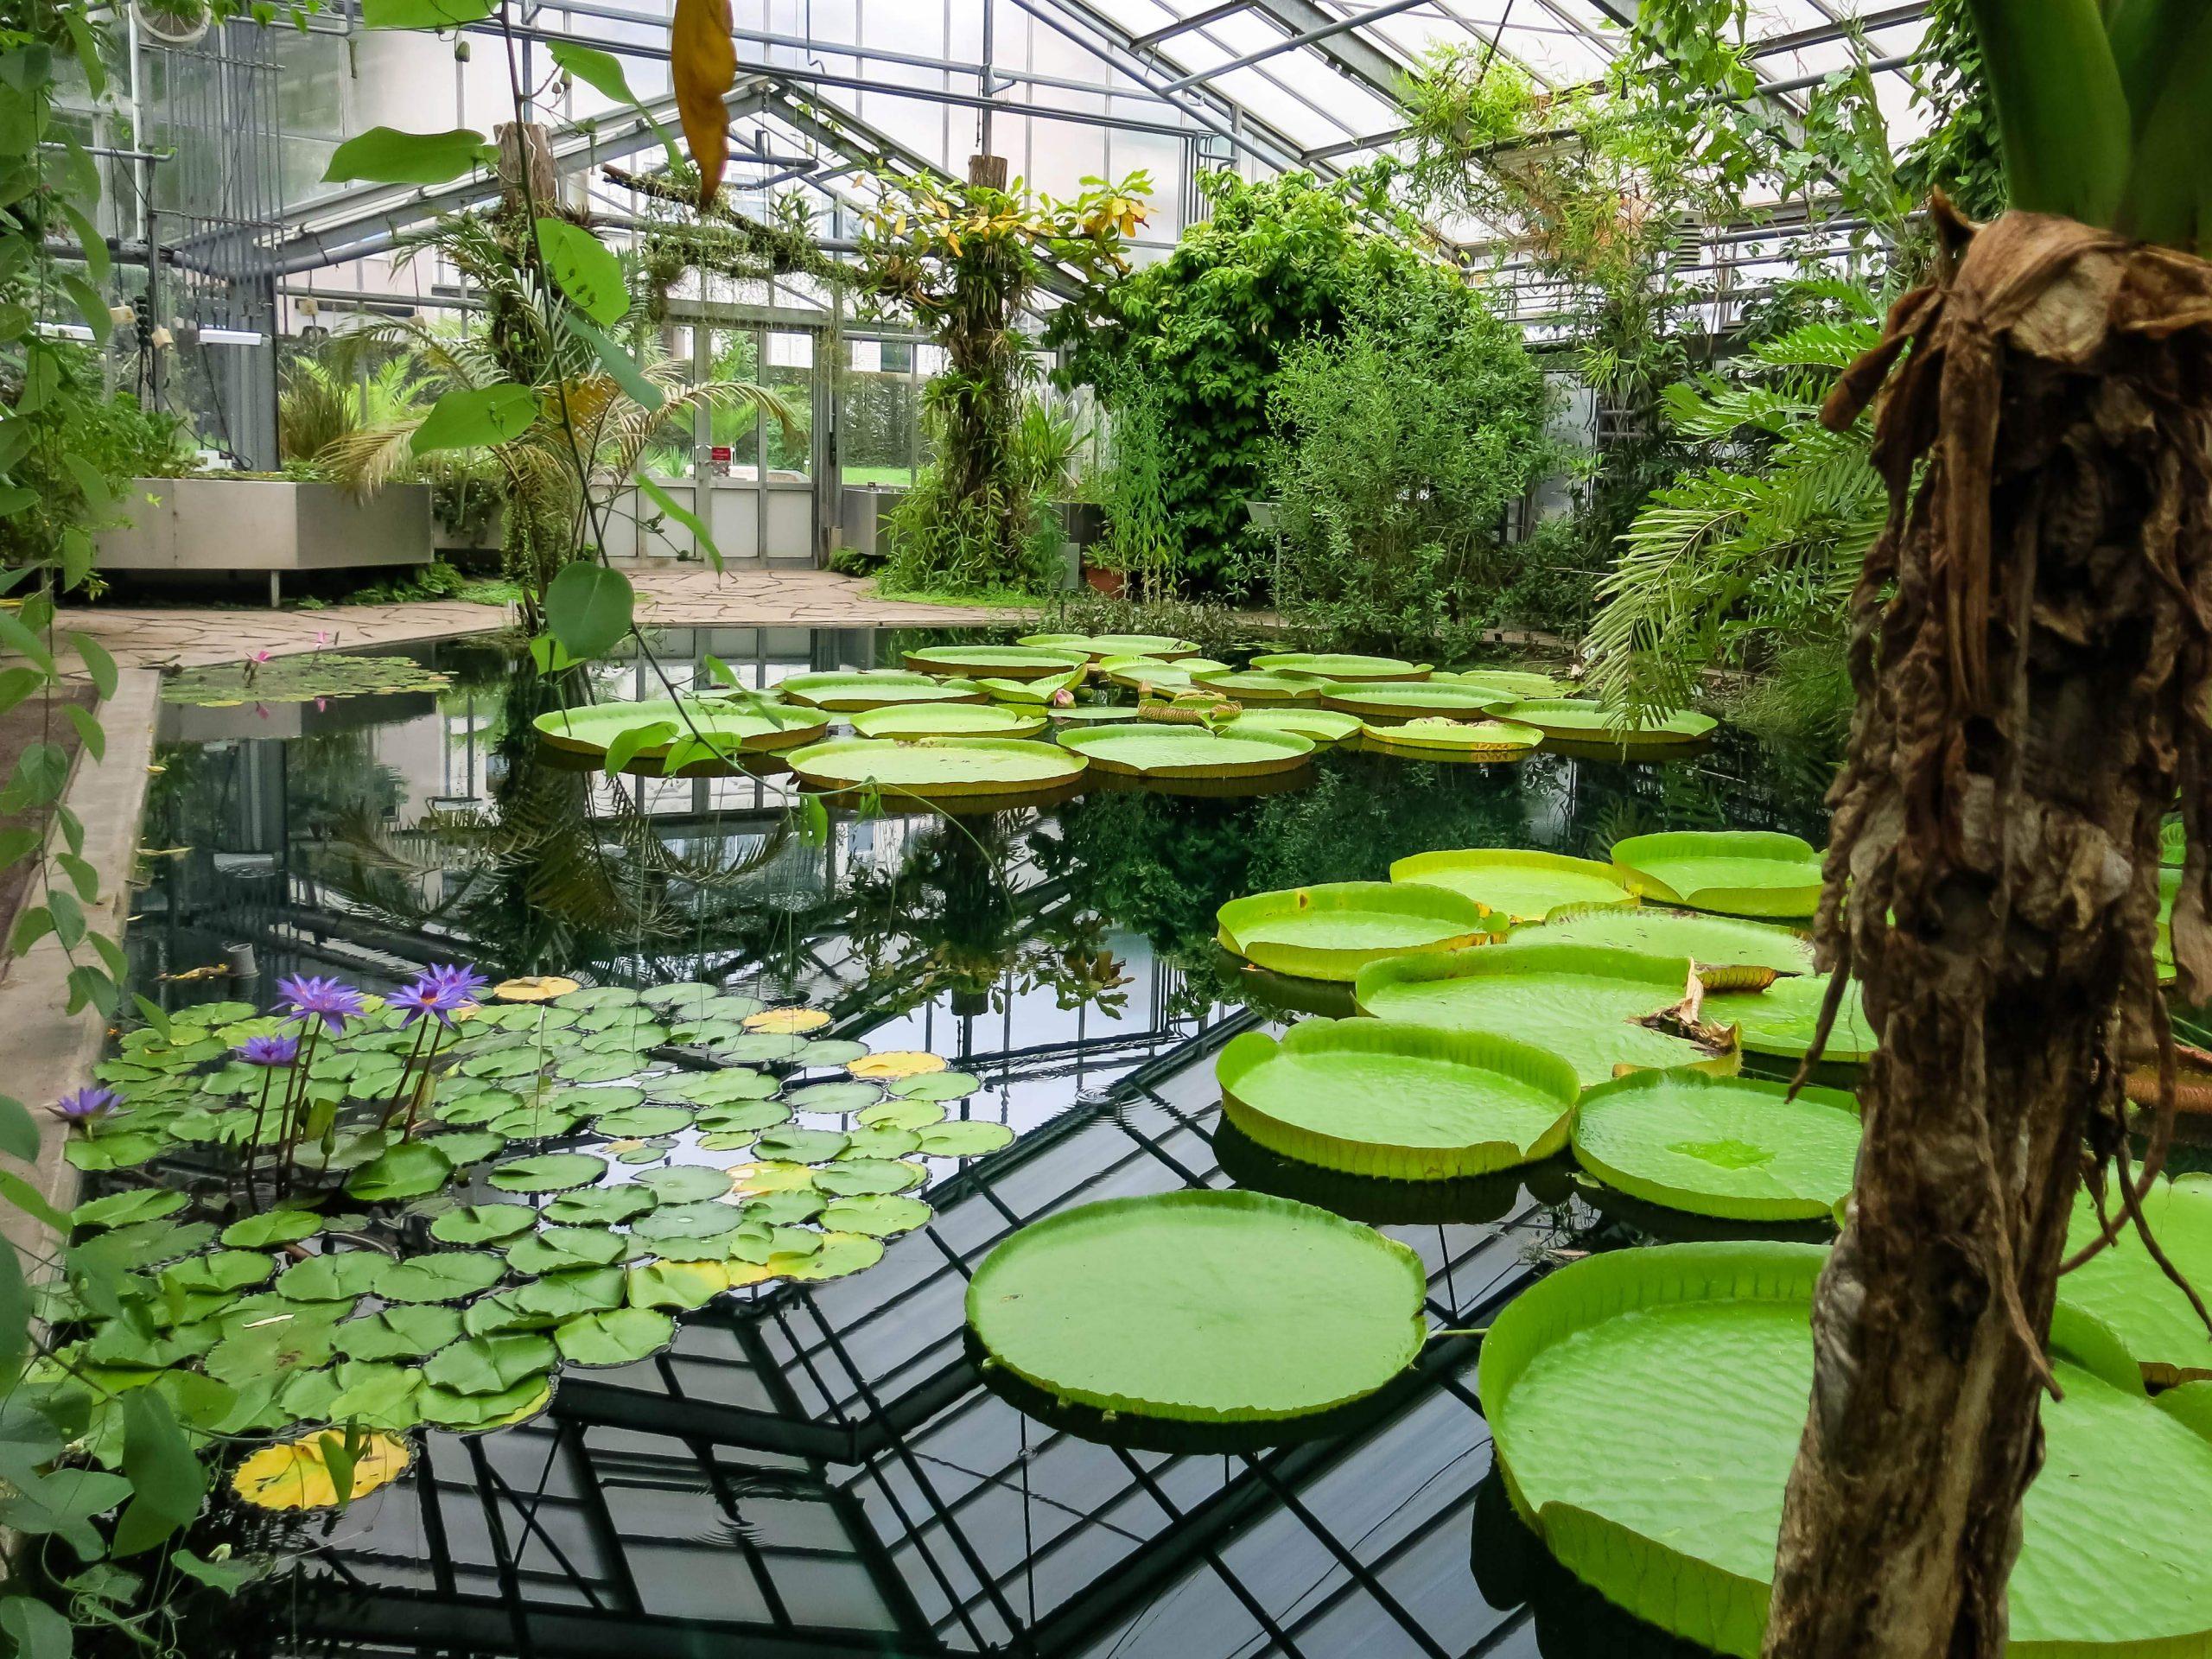 File 2018 06 18 bonn meckenheimer allee 169 botanischer garten victoriahaus 09